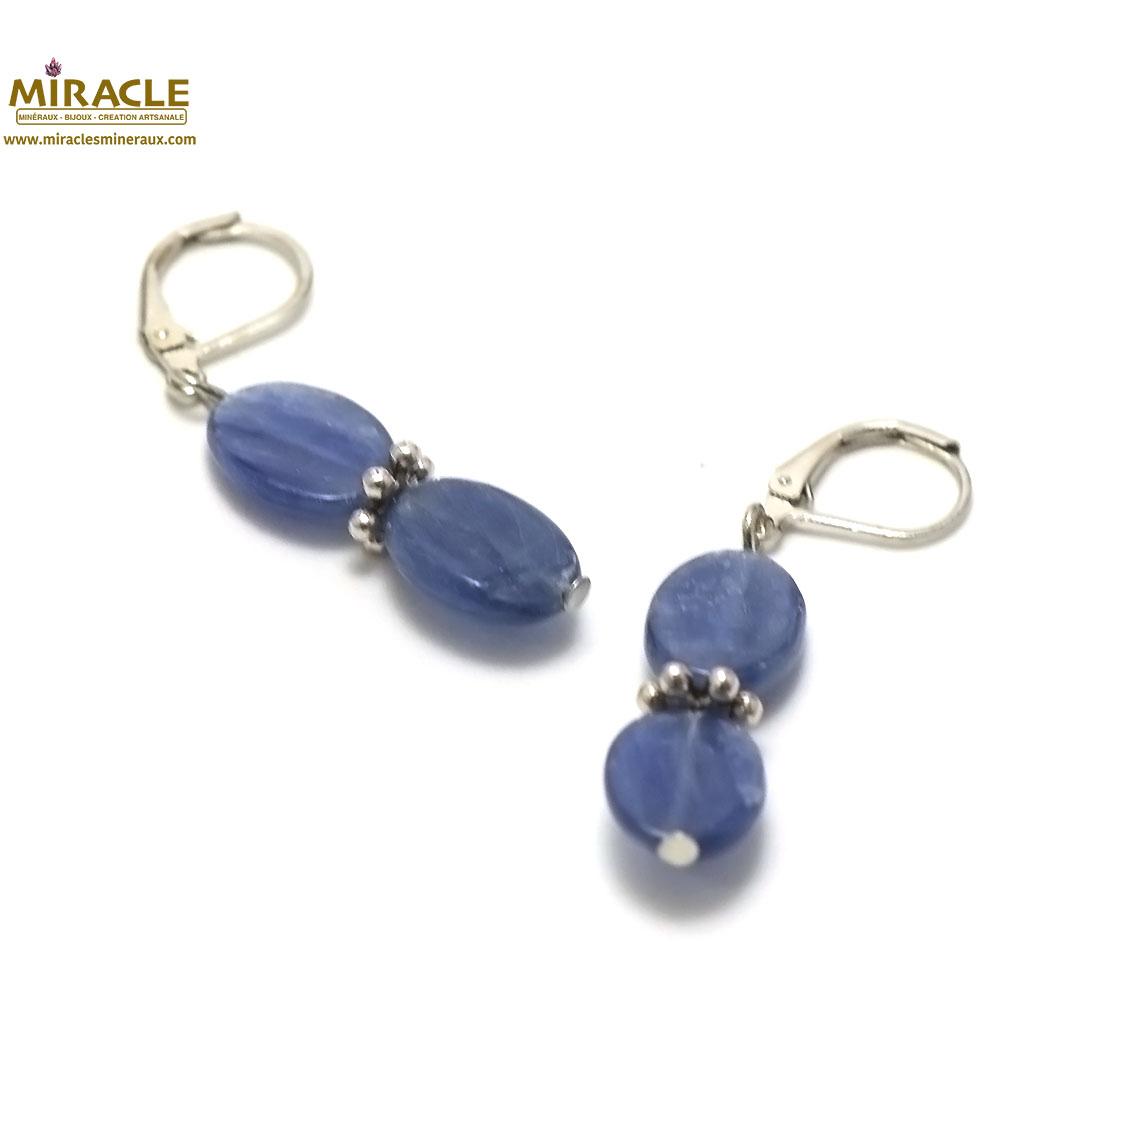 boucle d\'oreille cyanite, double palet oval-perle argentée